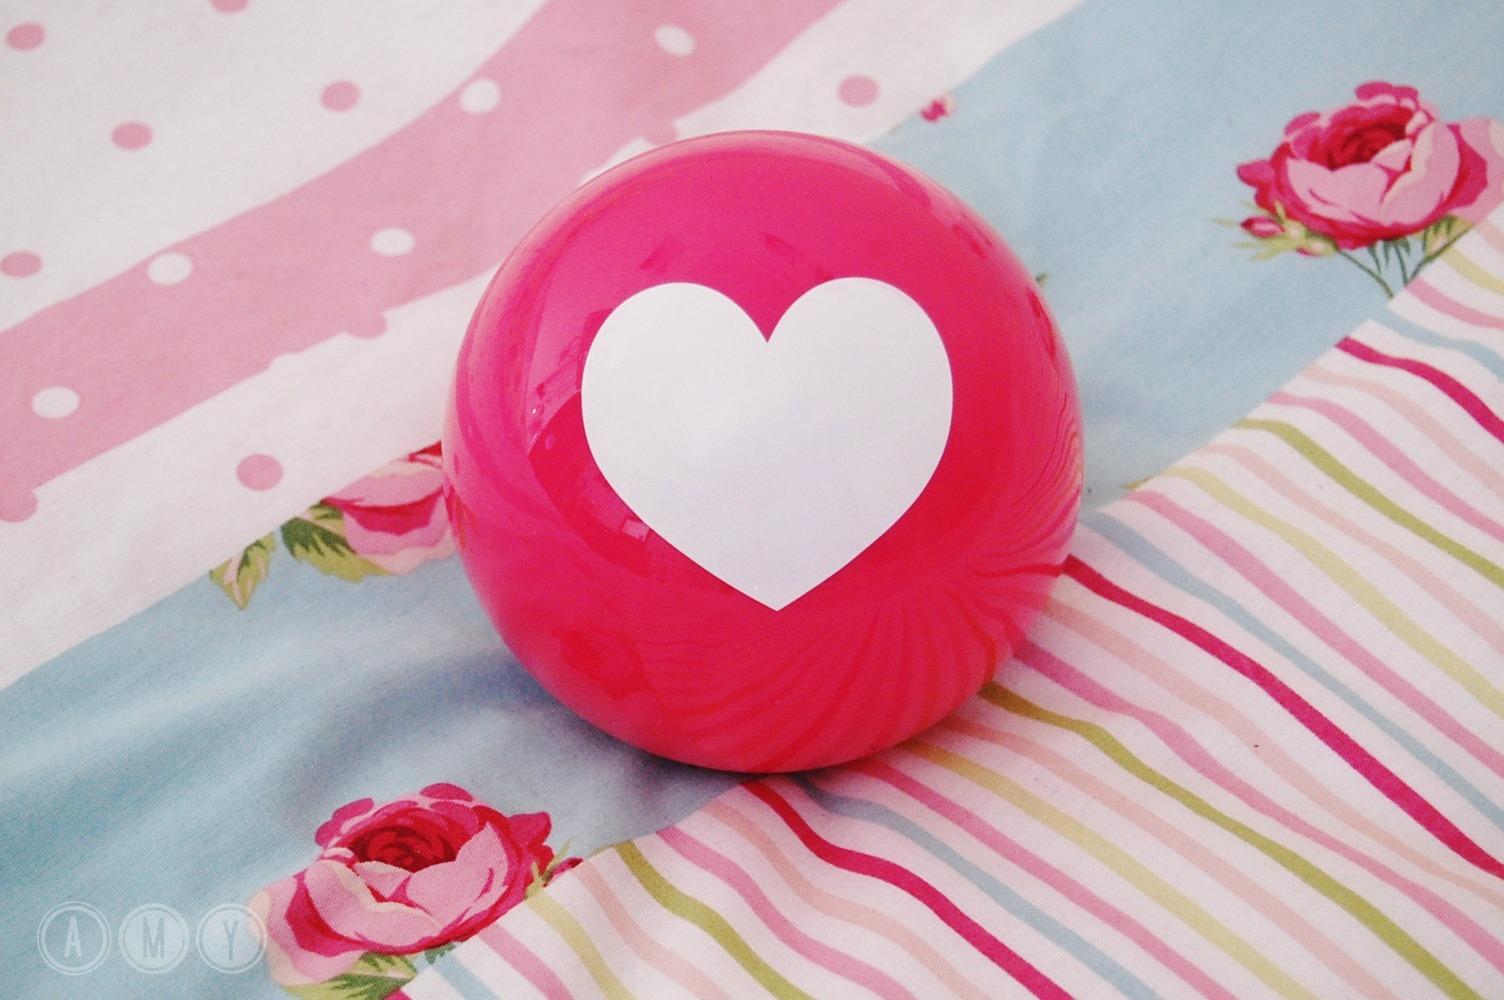 Swatch Valentine's Special A La Folie